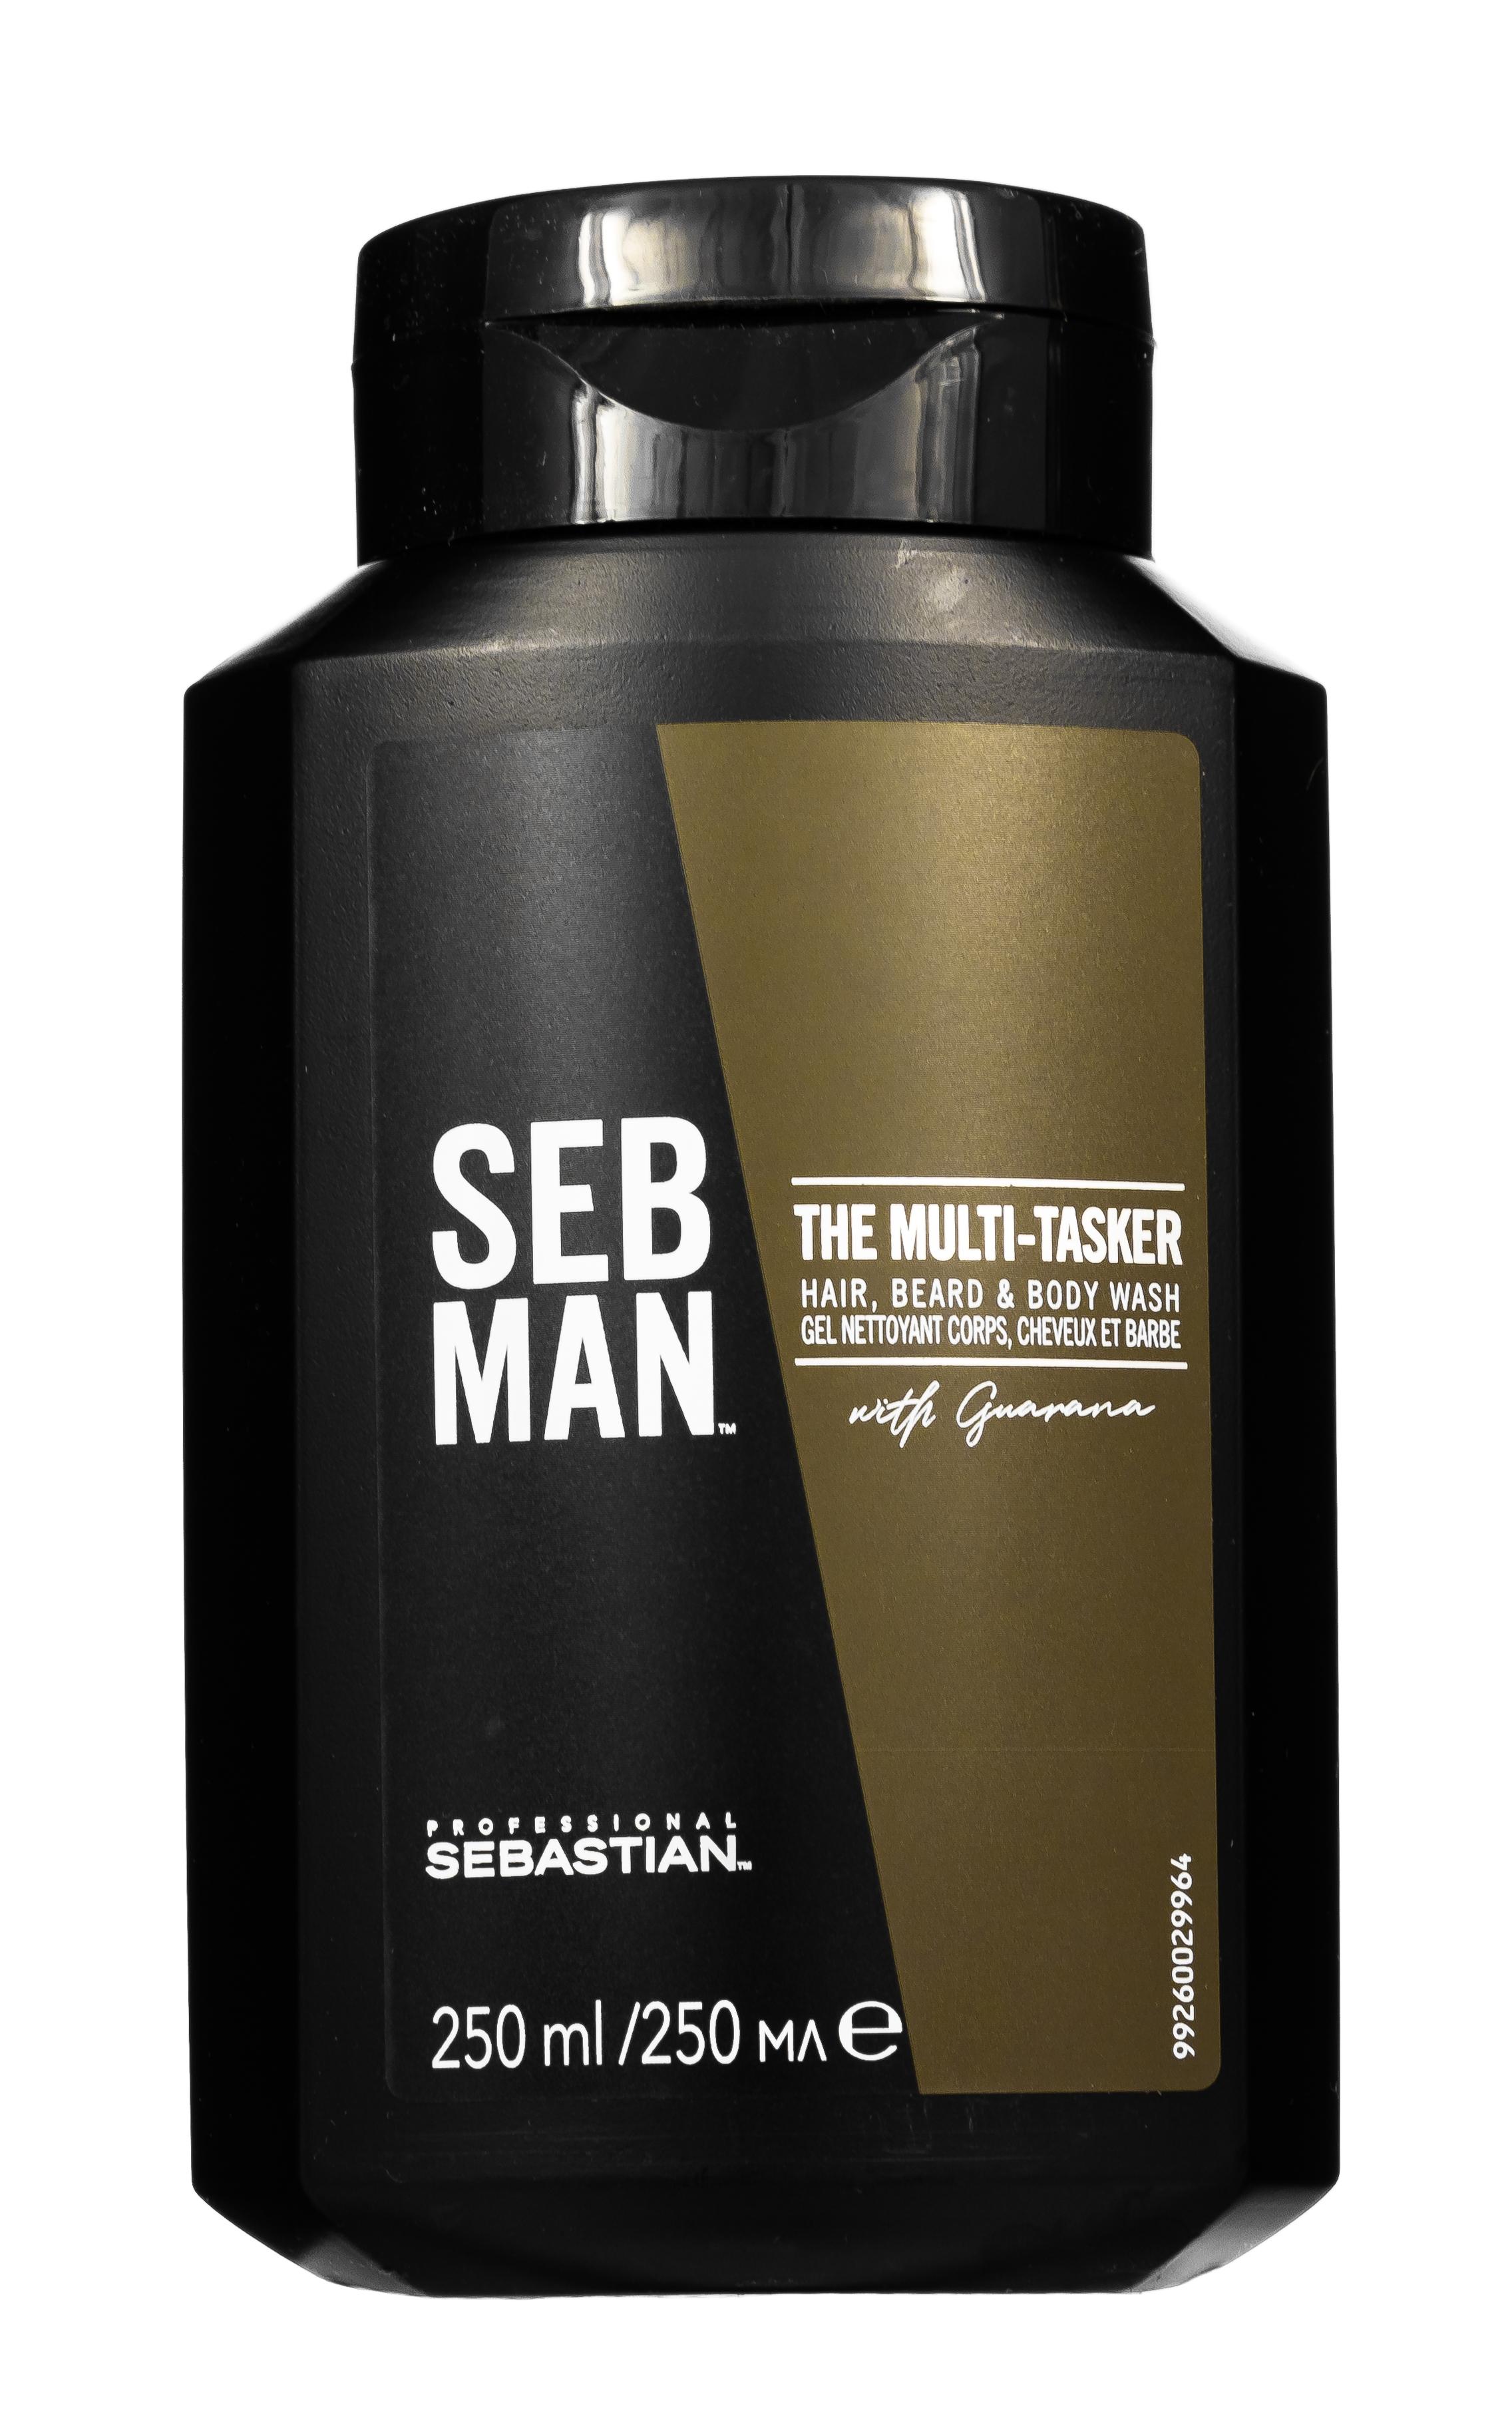 Sebman 3 в 1 шампунь для ухода за волосами, бородой и телом 250 мл (Sebman, Для волос)